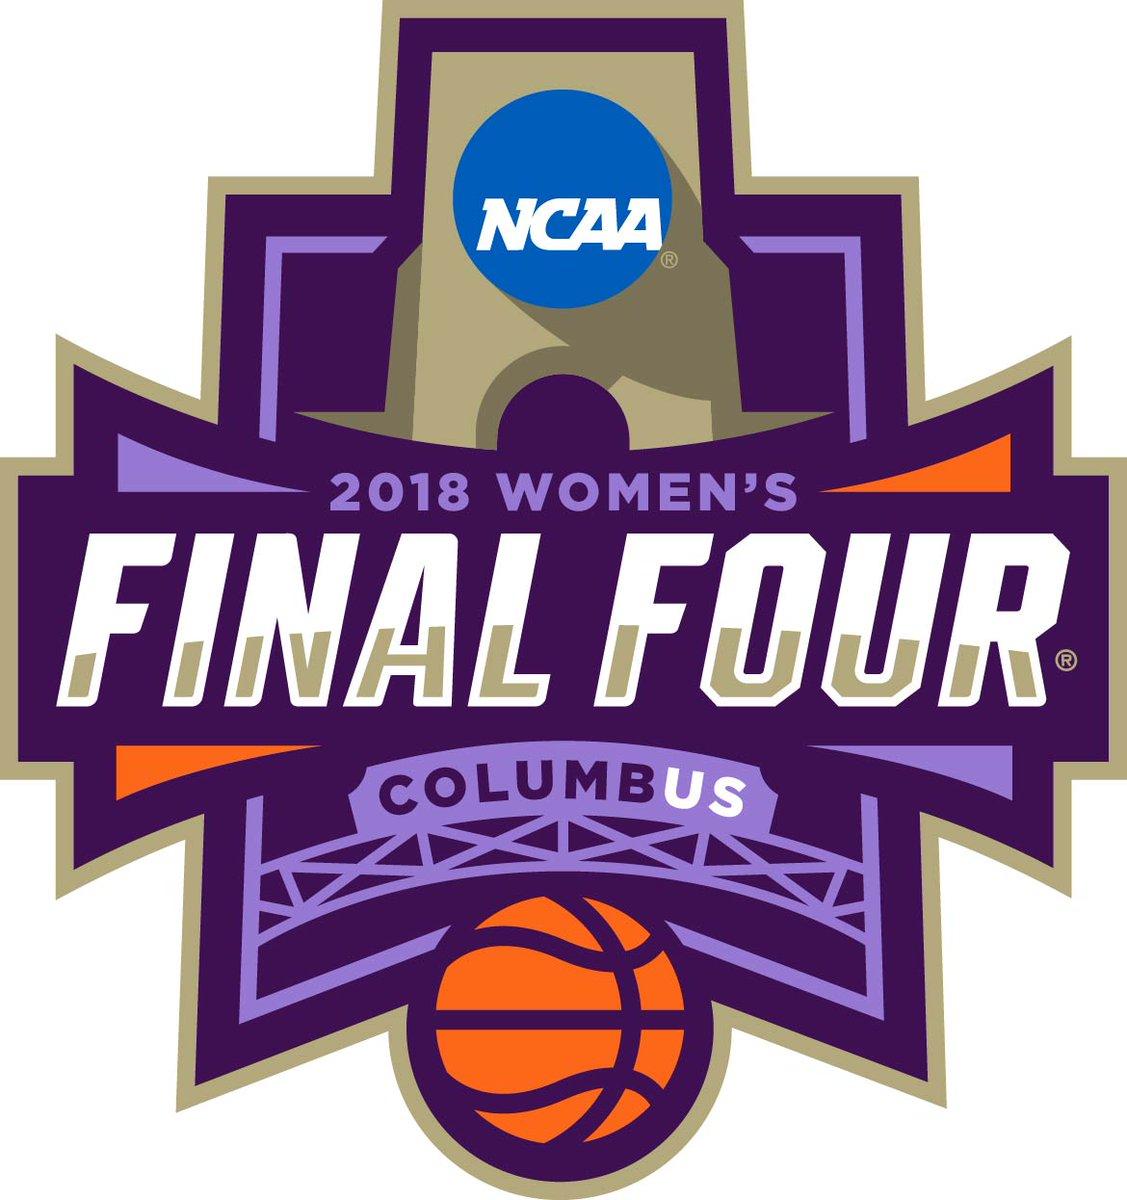 2018 women's Final Four logo